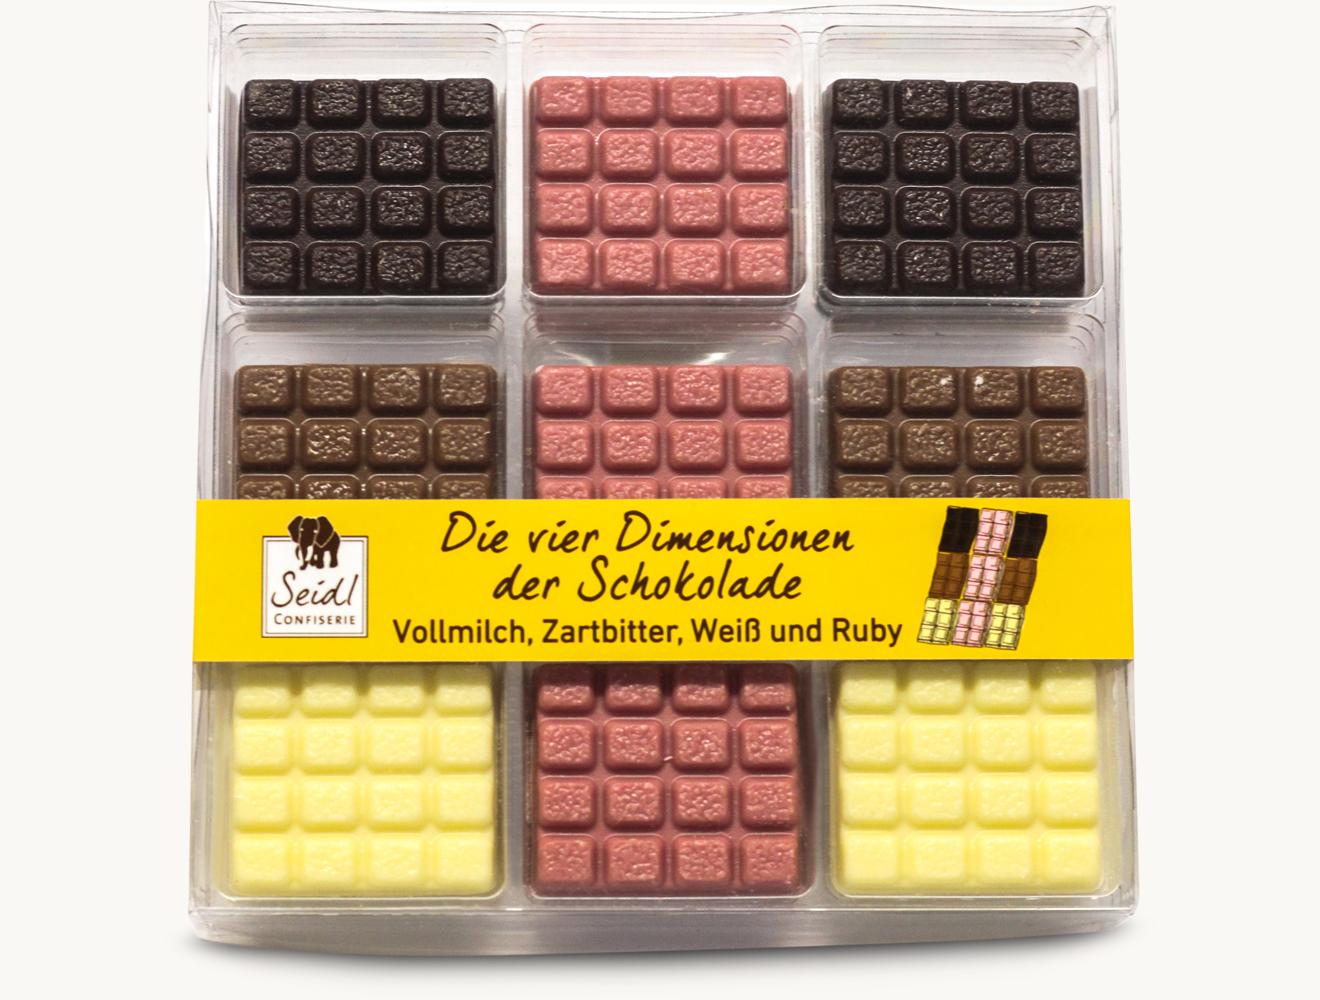 Die vier Dimensionen der Schokolade